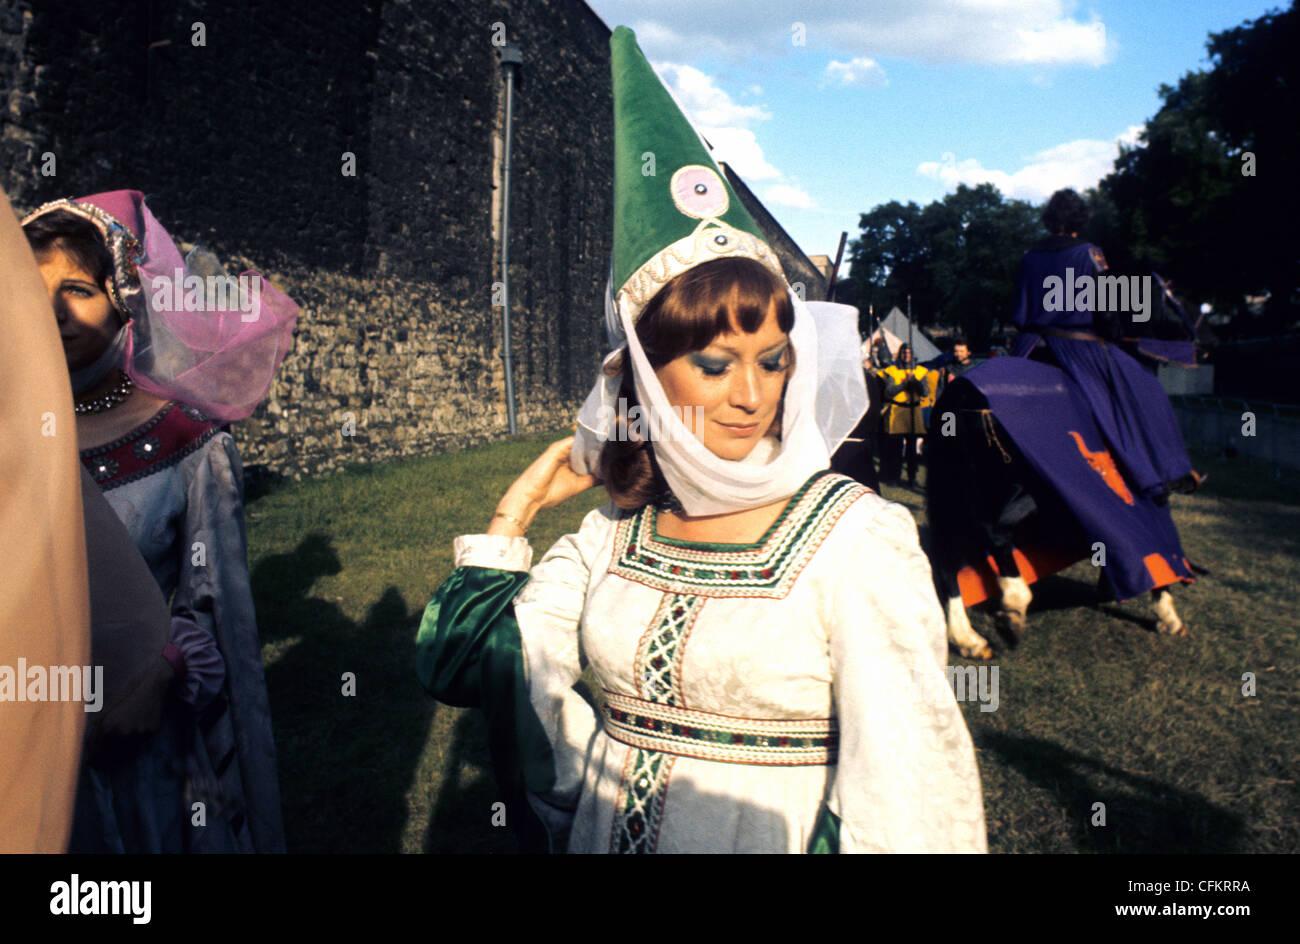 Una fiera fanciulla in costume in una giostra evento presso la Torre di Londra REGNO UNITO Immagini Stock